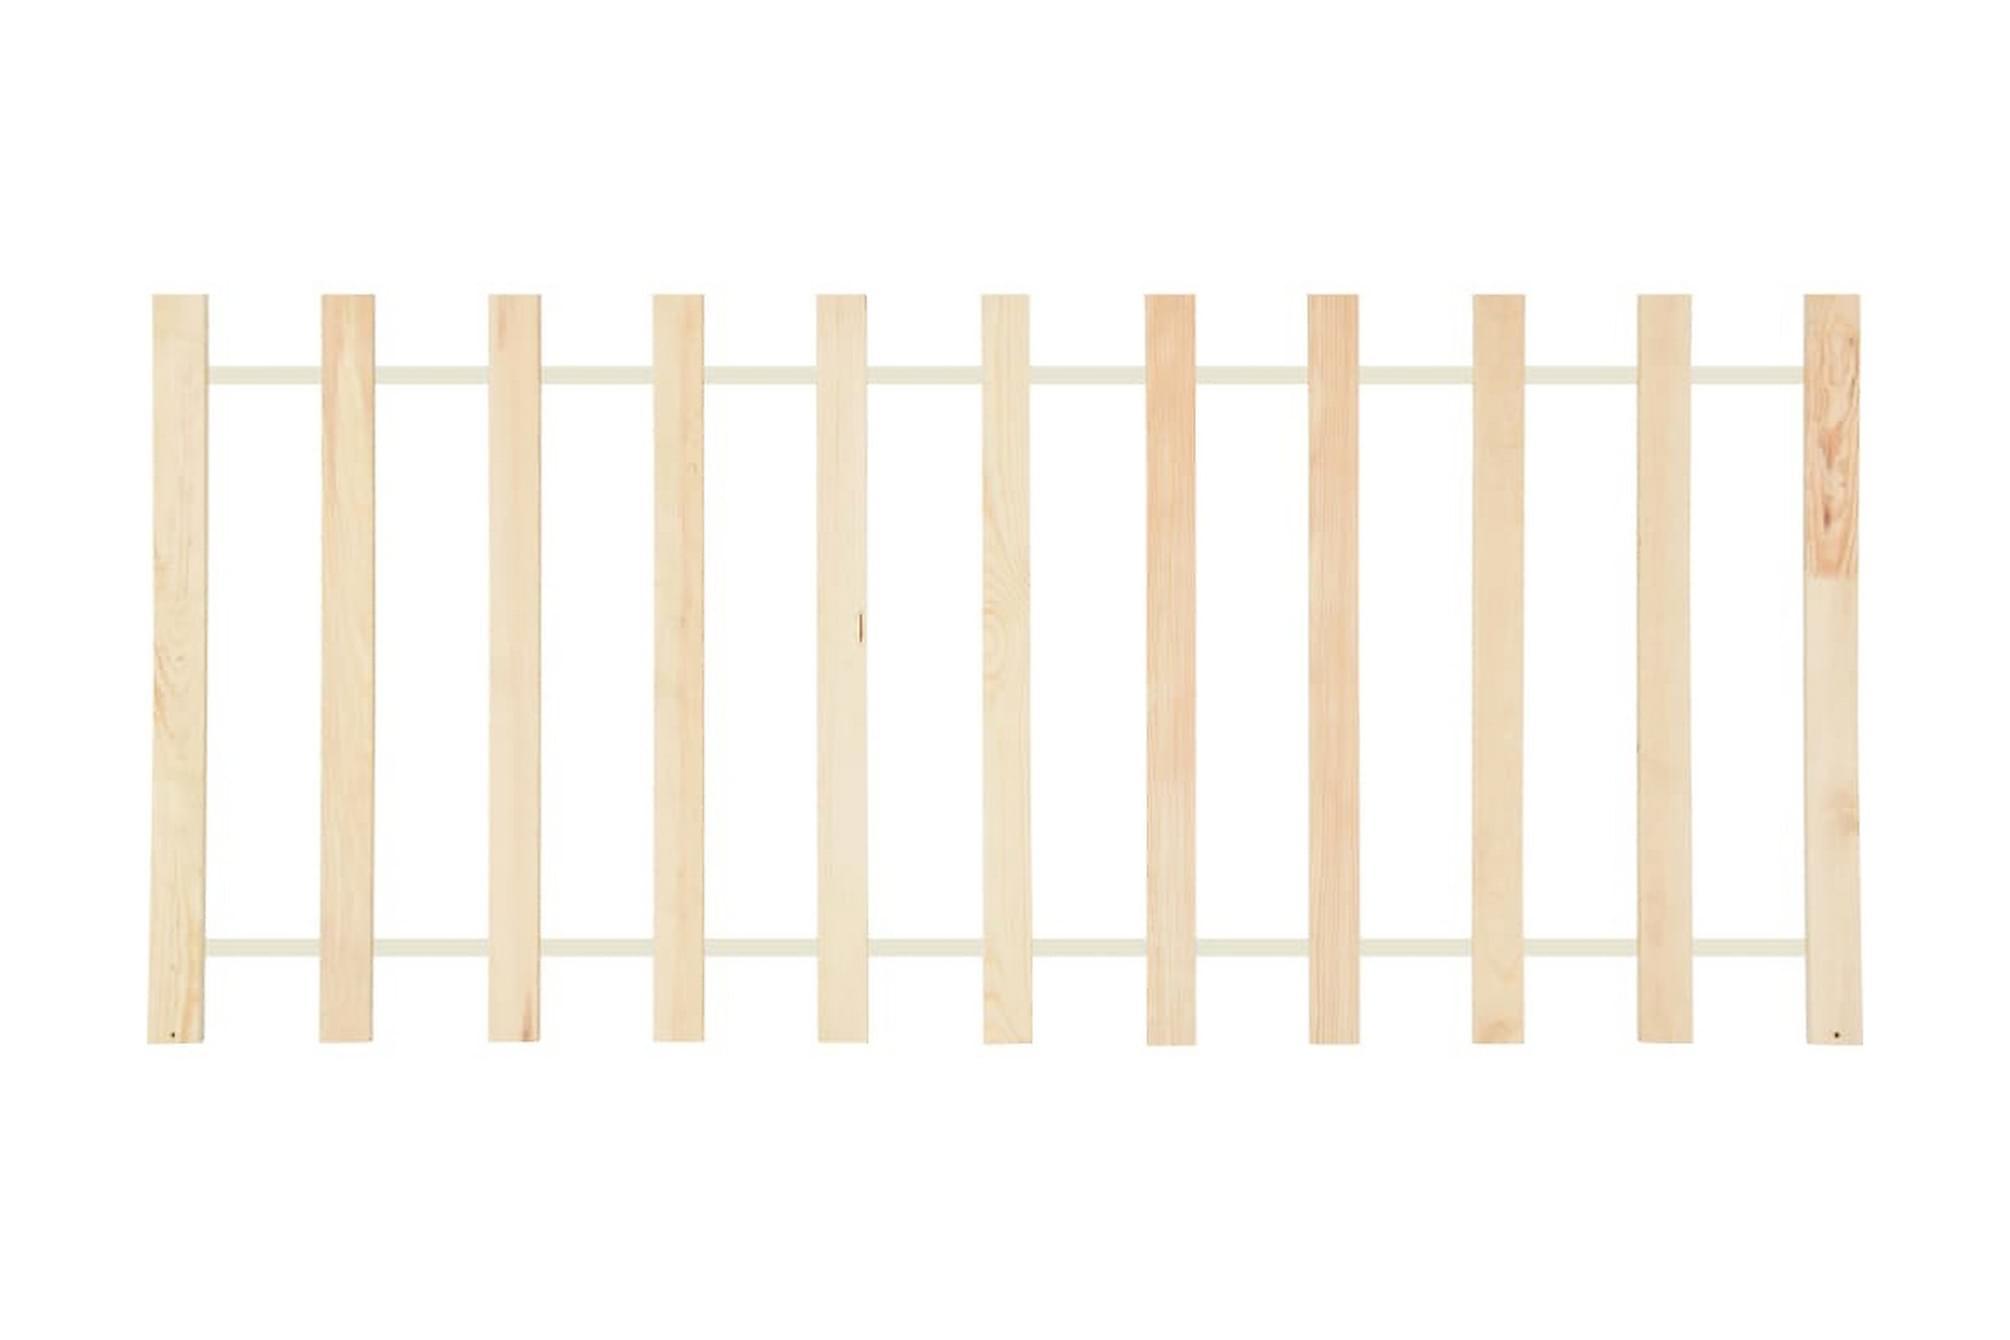 Ribbotten med 11 ribbor rullbar 70x200 cm massiv furu, Ribbottnar